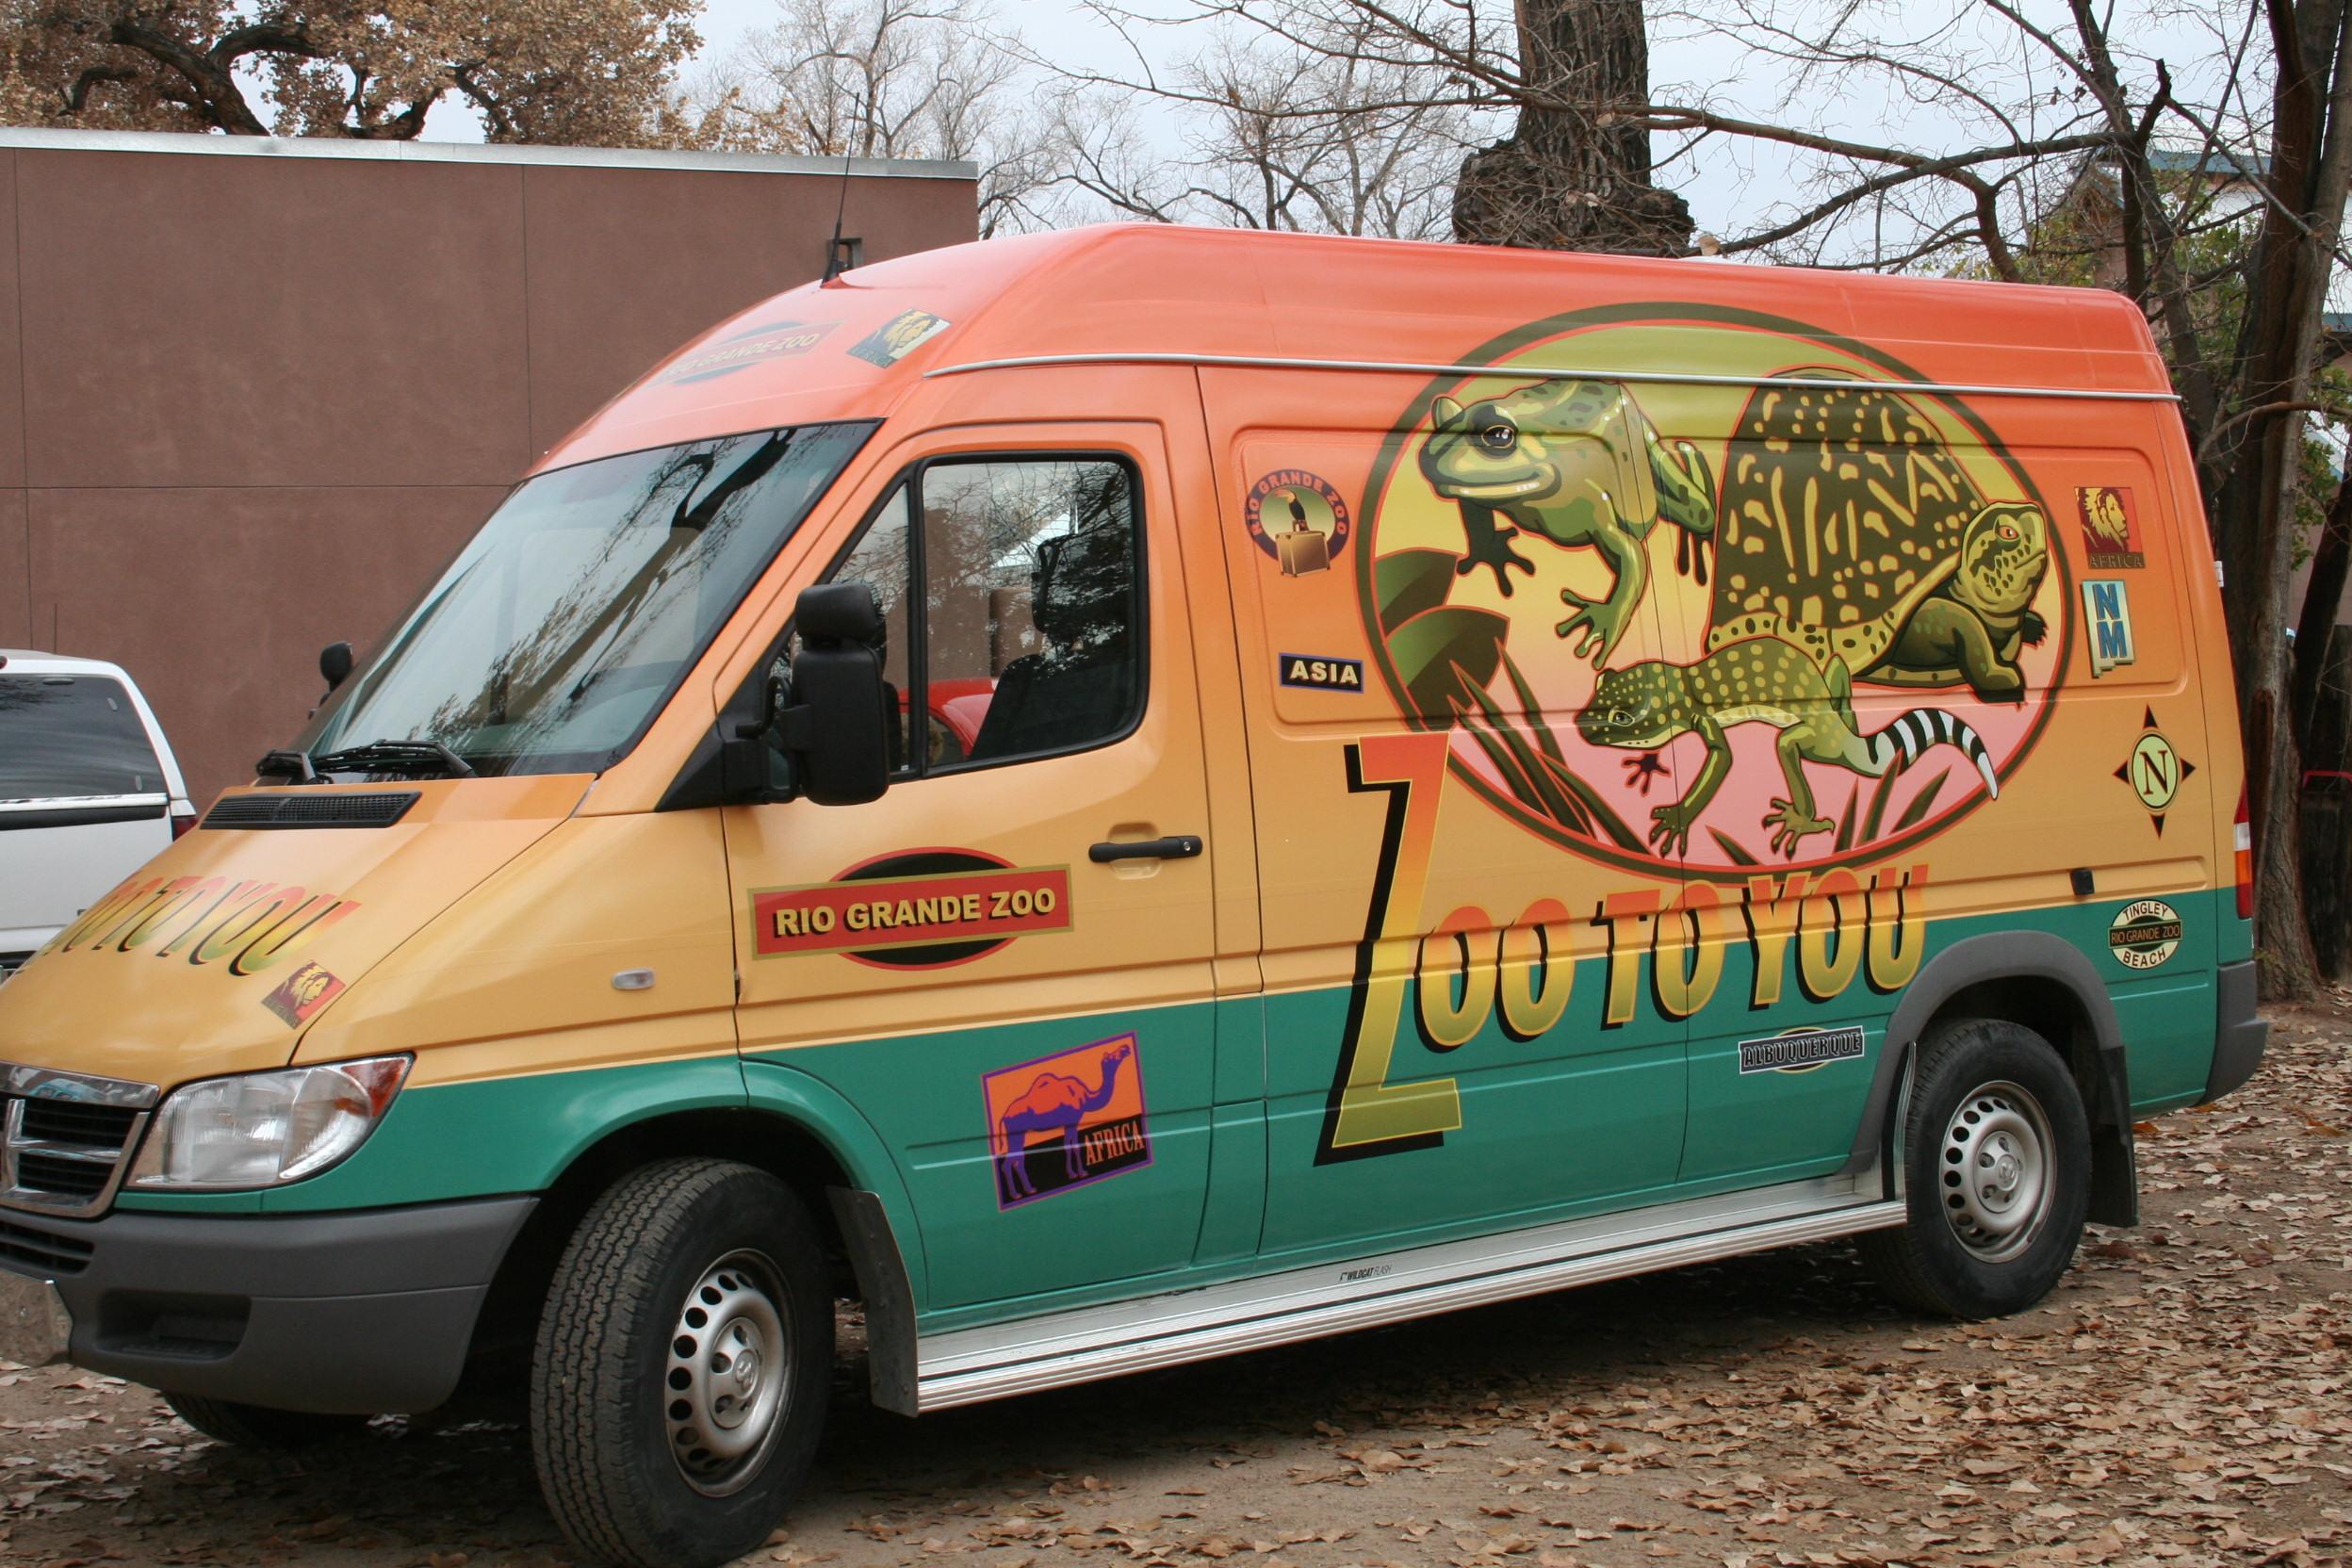 Zoo to You Van